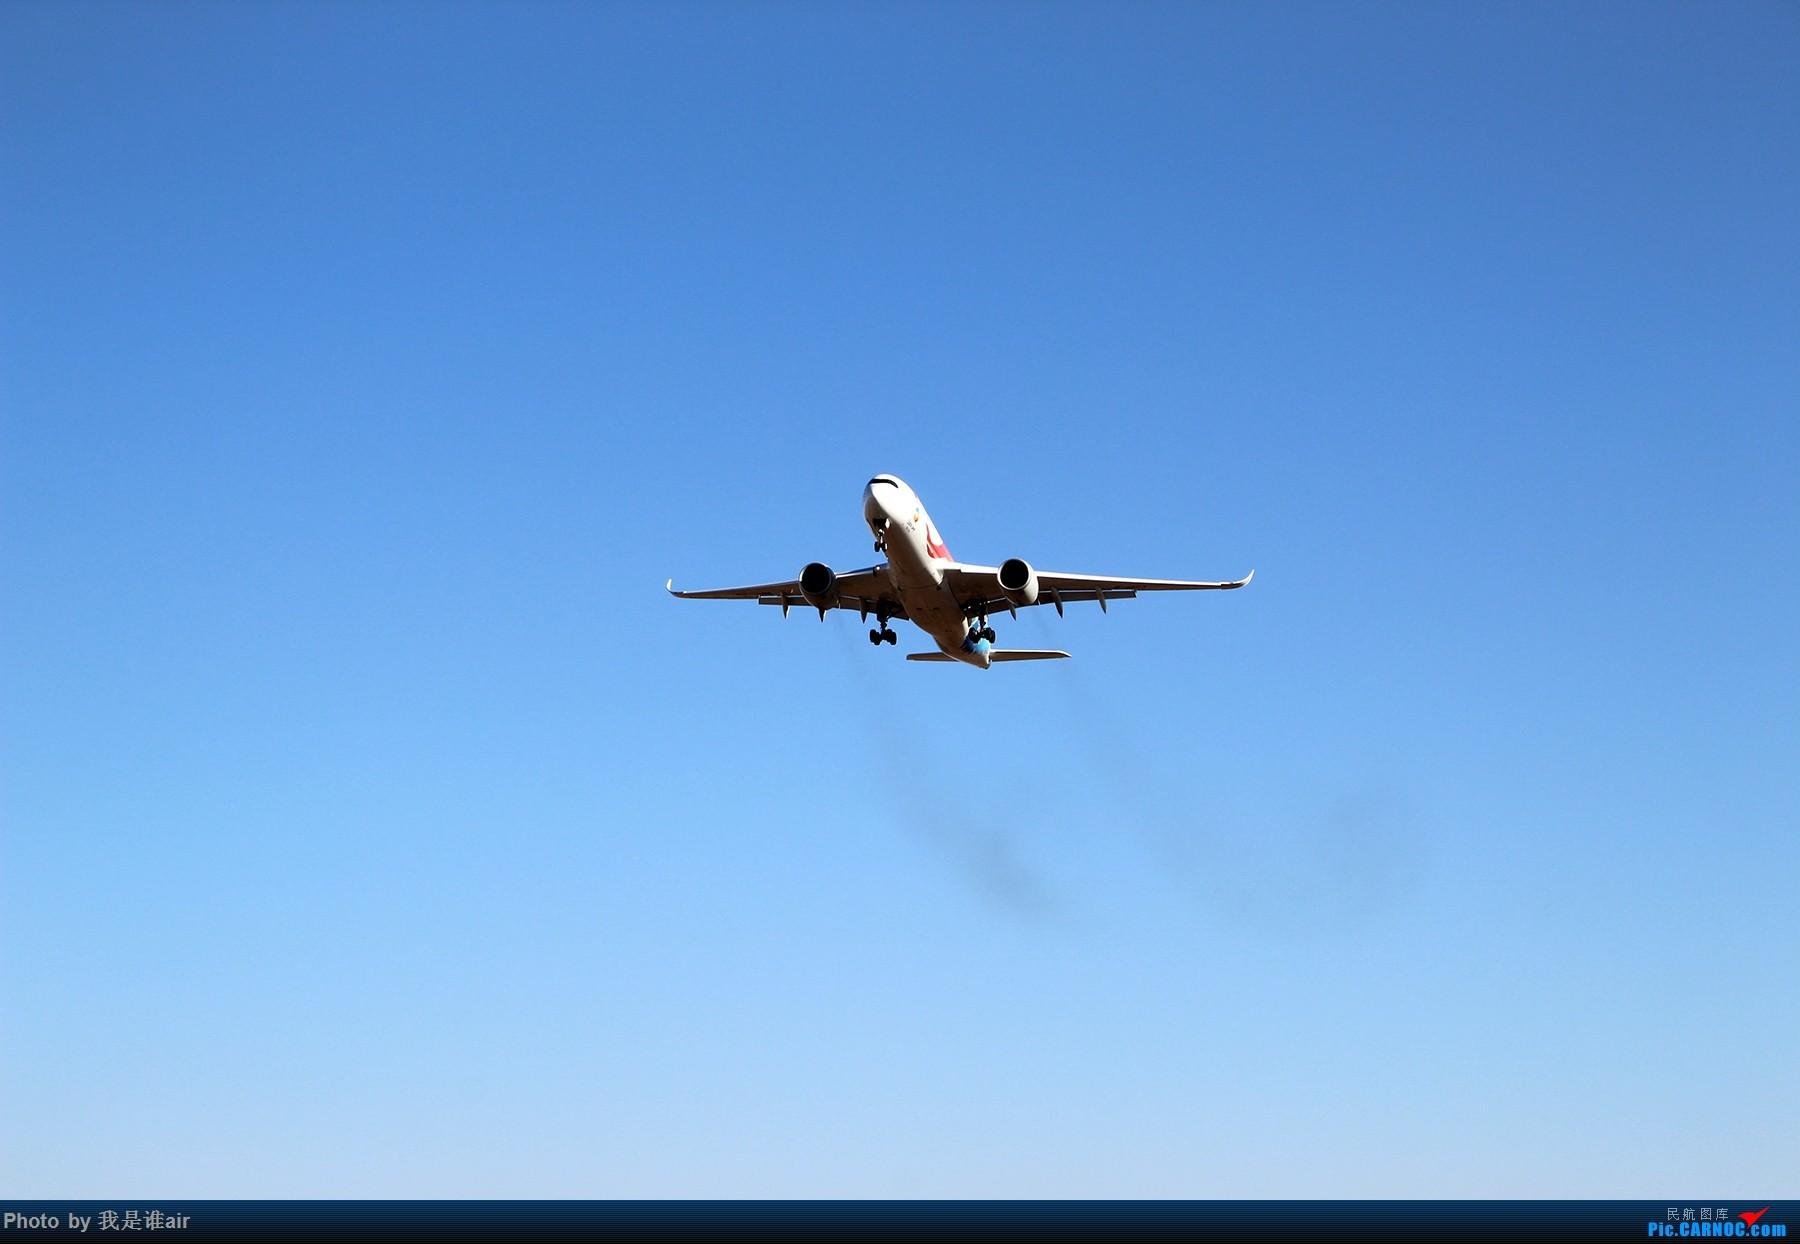 Re:[原创]B-1083国航359世园彩绘鄂尔多斯本场训练 AIRBUS A350-900 B-1083 中国鄂尔多斯伊金霍洛机场